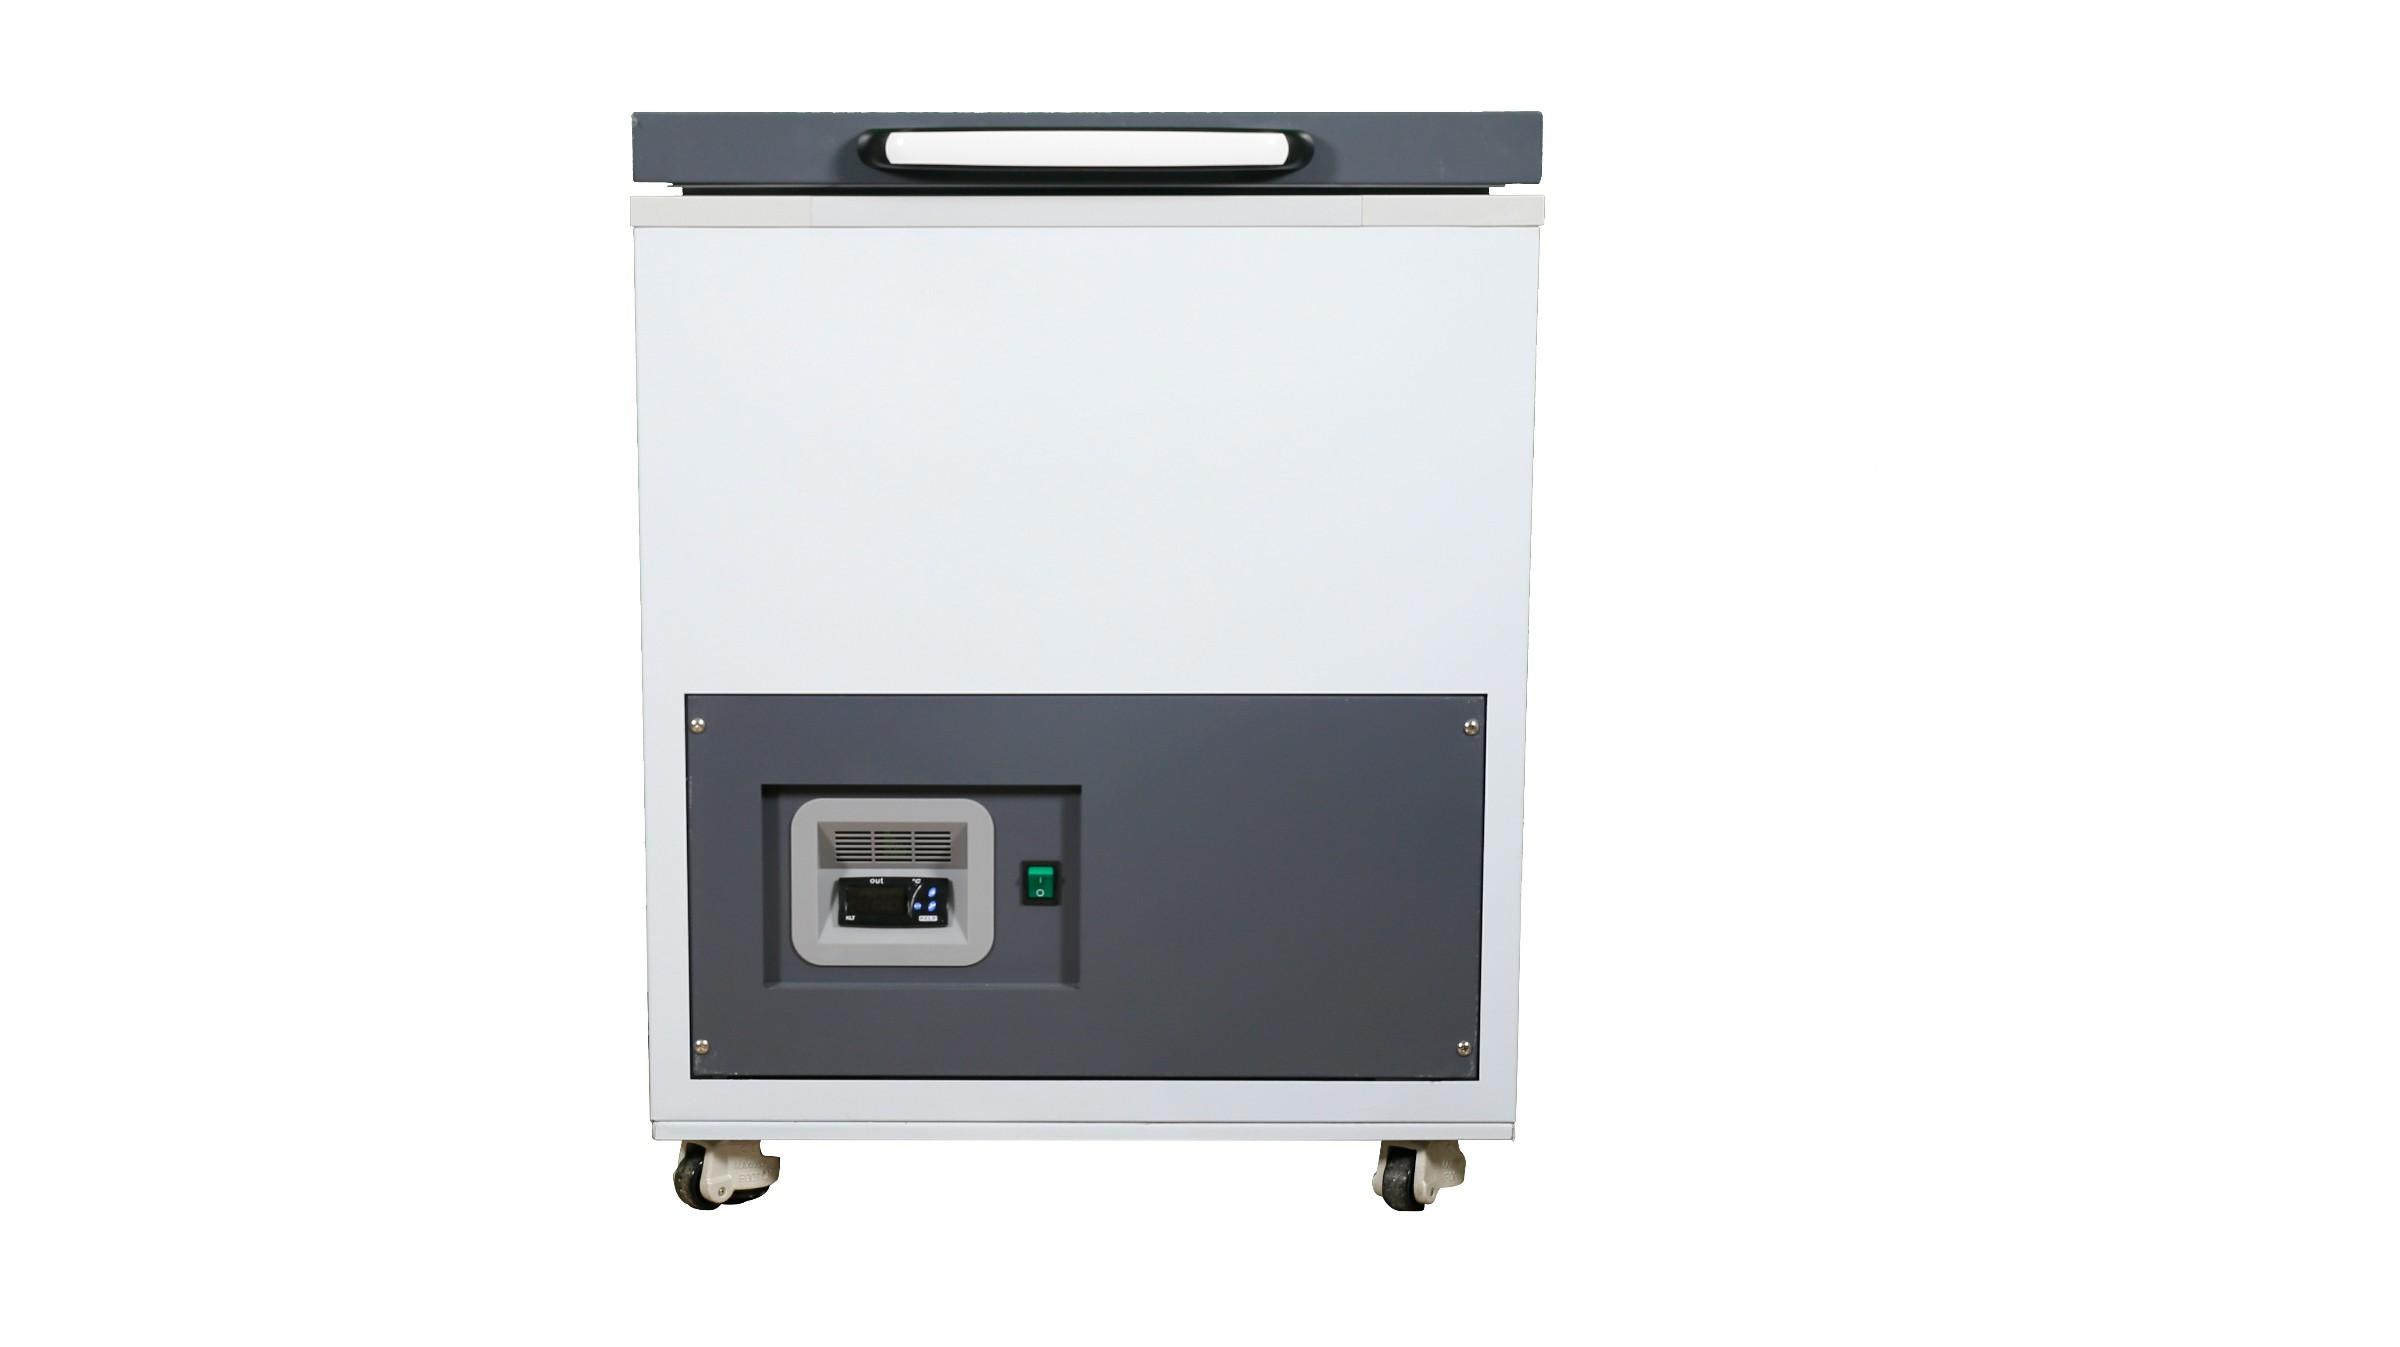 優惠的冰箱-專業的-180度冷凍機供應商_展望興科技